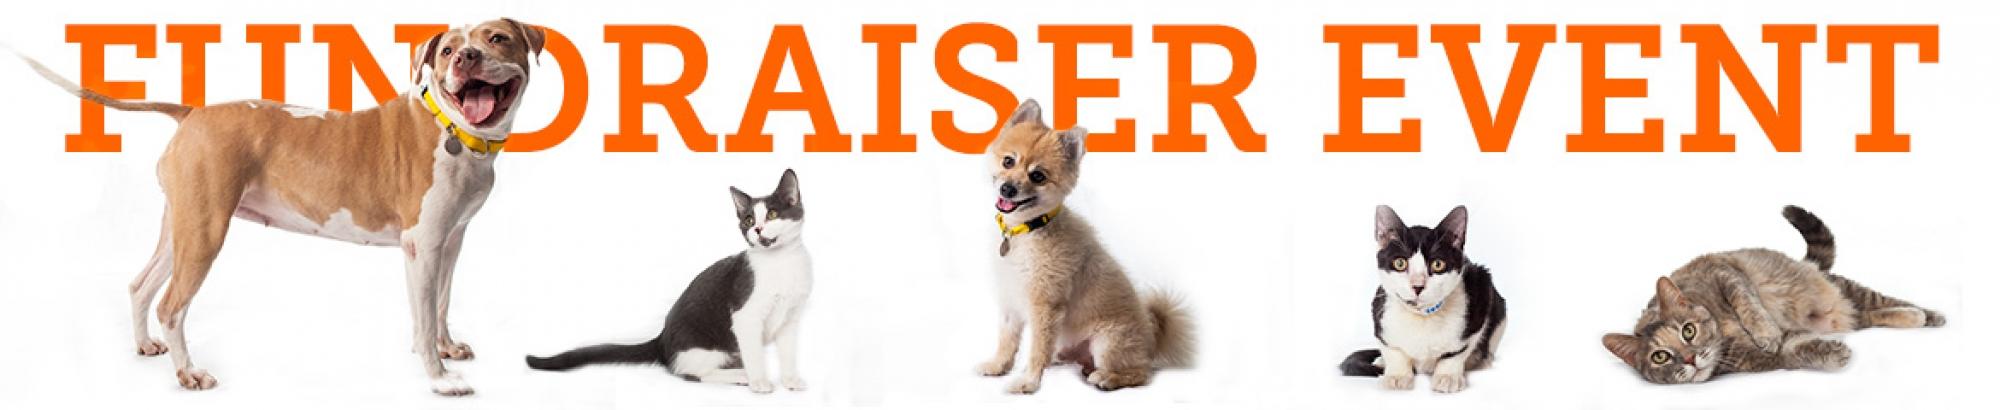 ASPCA Fundraiser Event